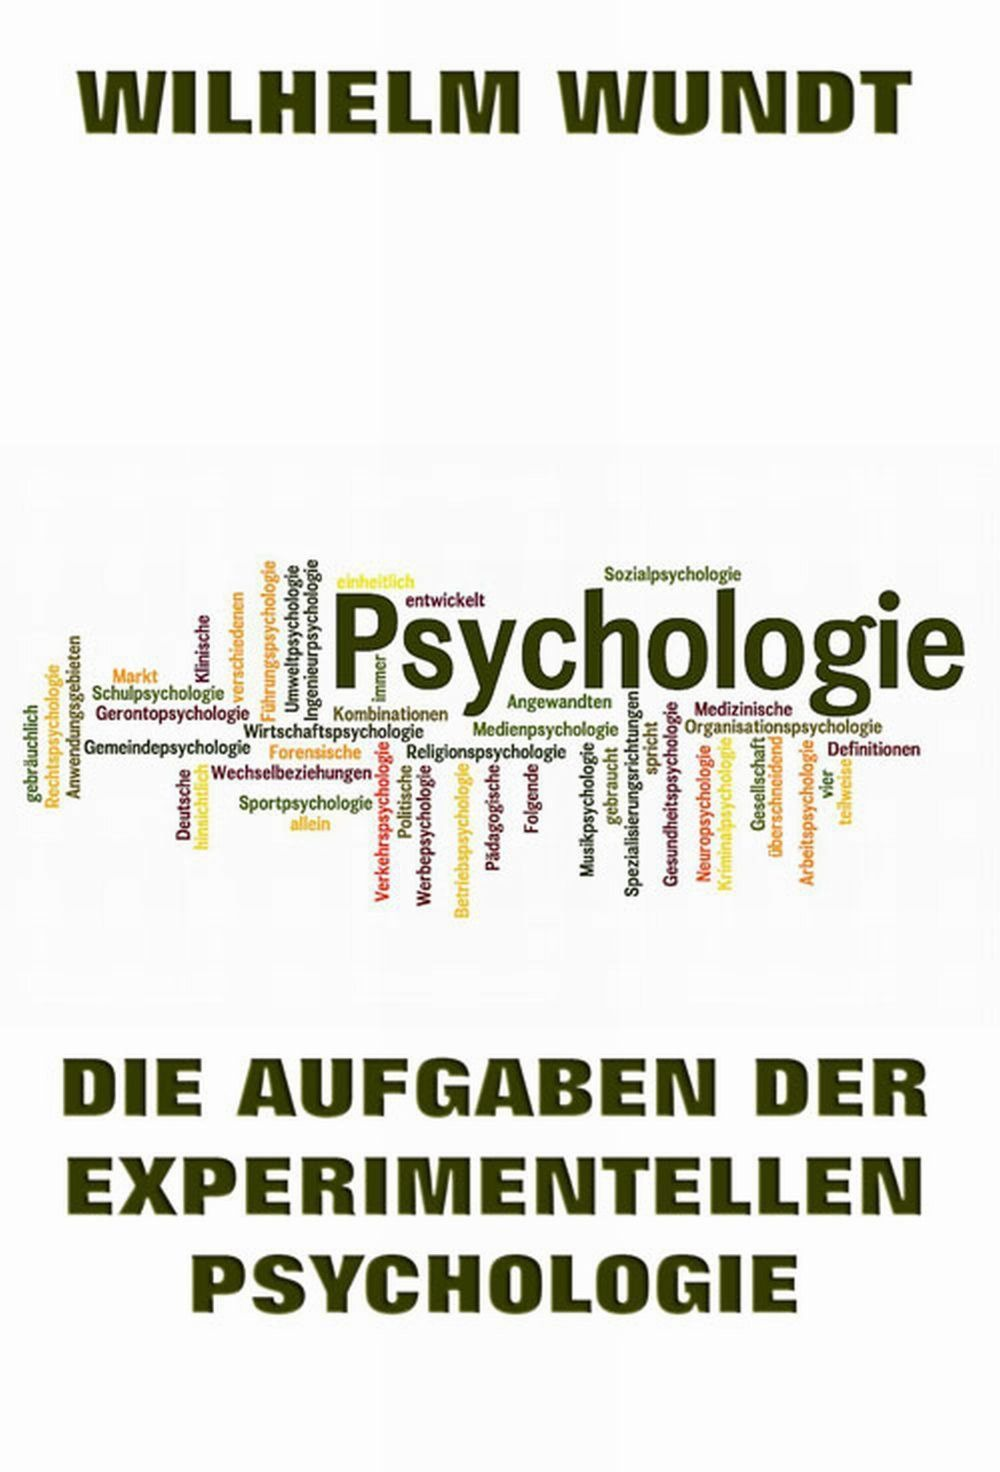 Wilhelm Max Wundt Die Aufgaben der experimentellen Psychologie max planck kaiser wilhelm ges zur forderung der wis 25 jahre kaiser wilhelm gesellschaft zur forderung der wissenschaften erster band handbuch